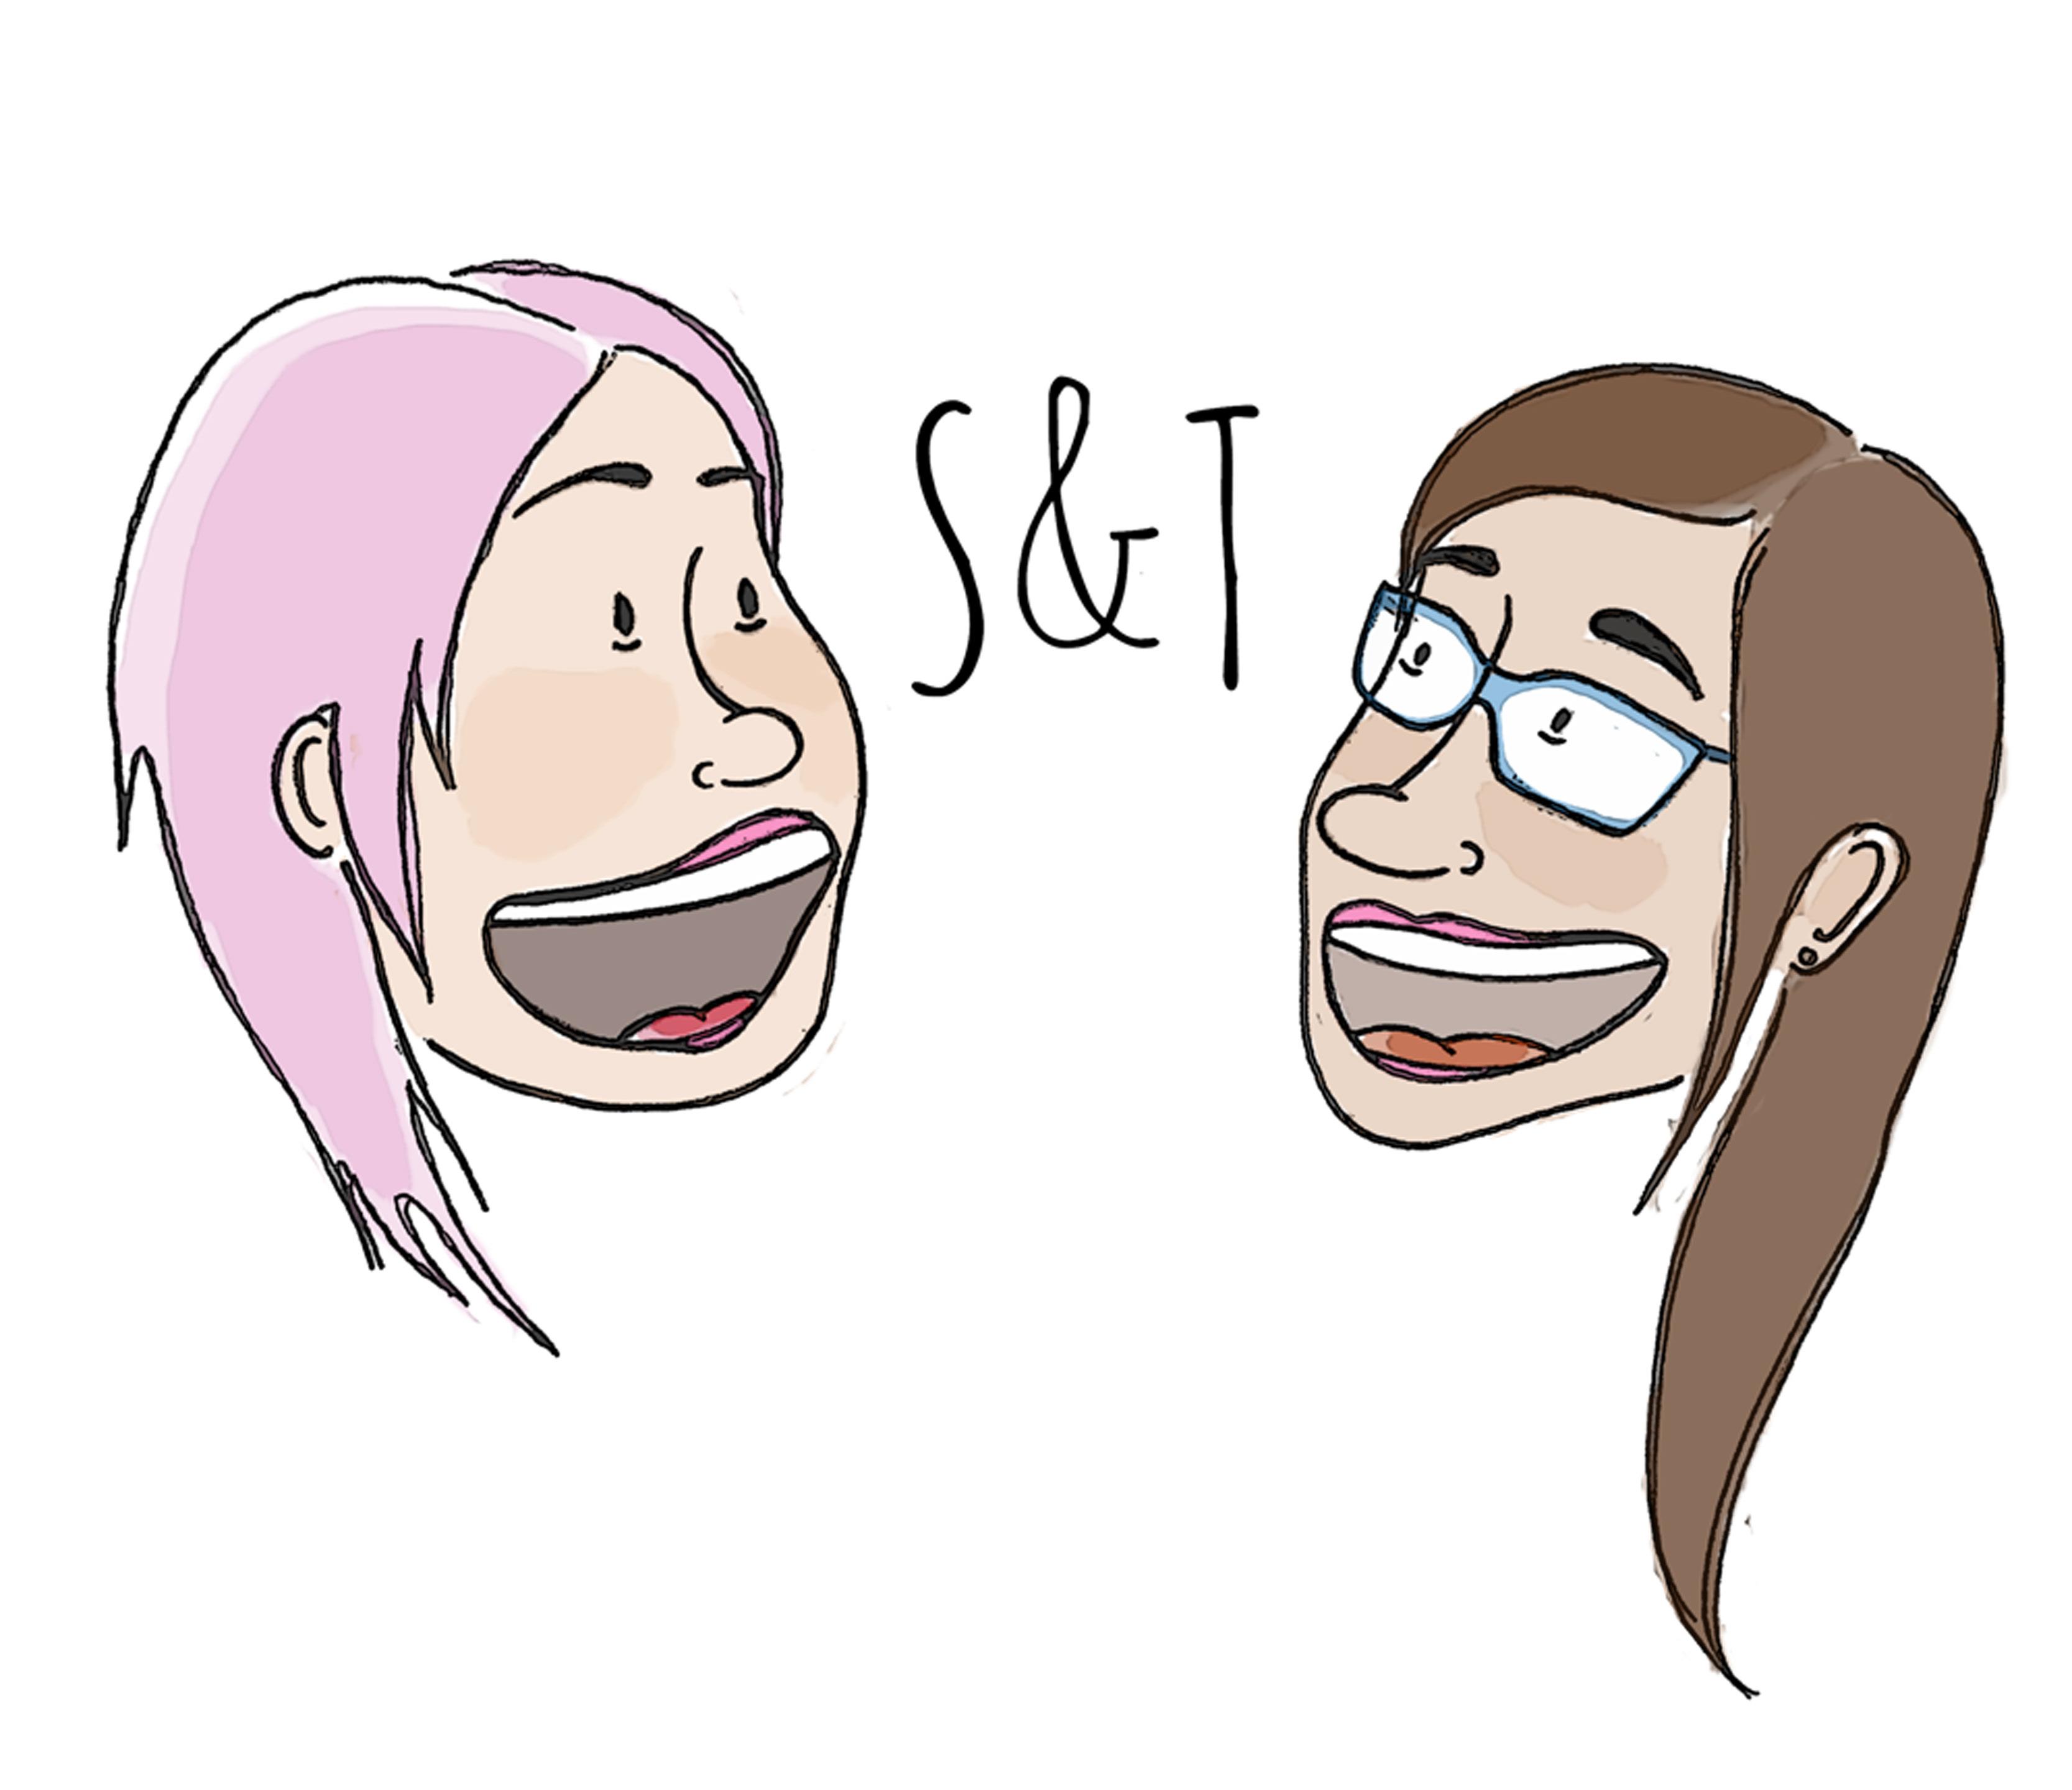 Sarah and Tash